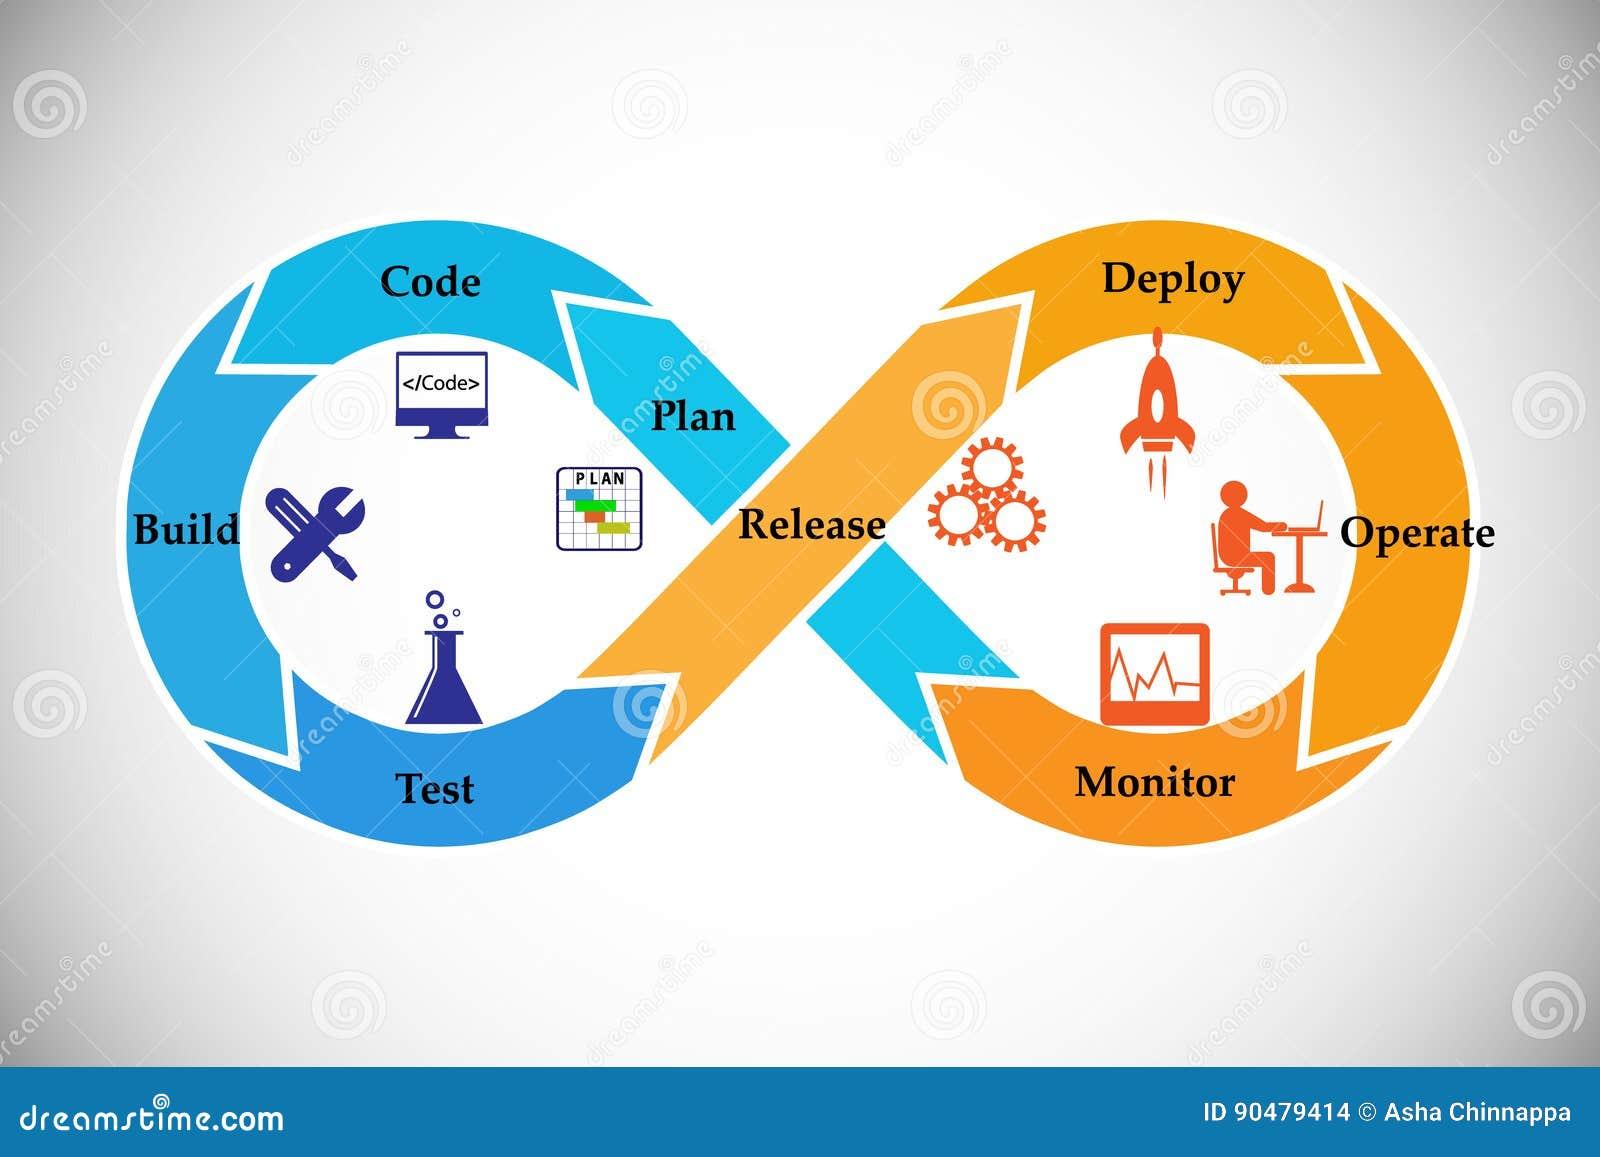 Concept DevOps